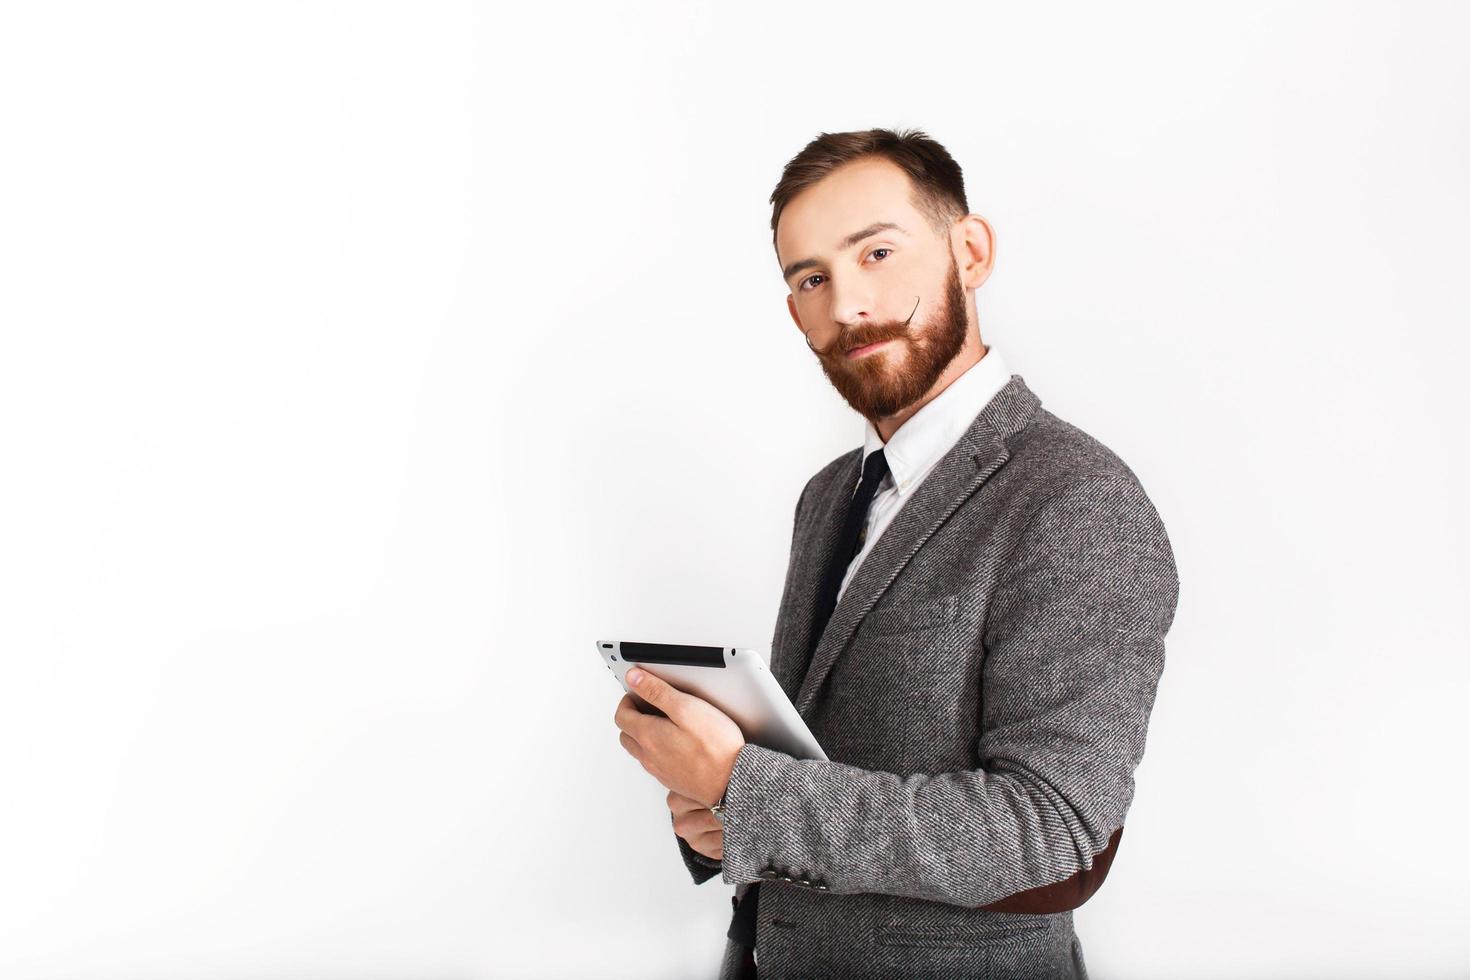 Homme sérieux avec barbe rousse pose en costume gris avec tablette à la main photo